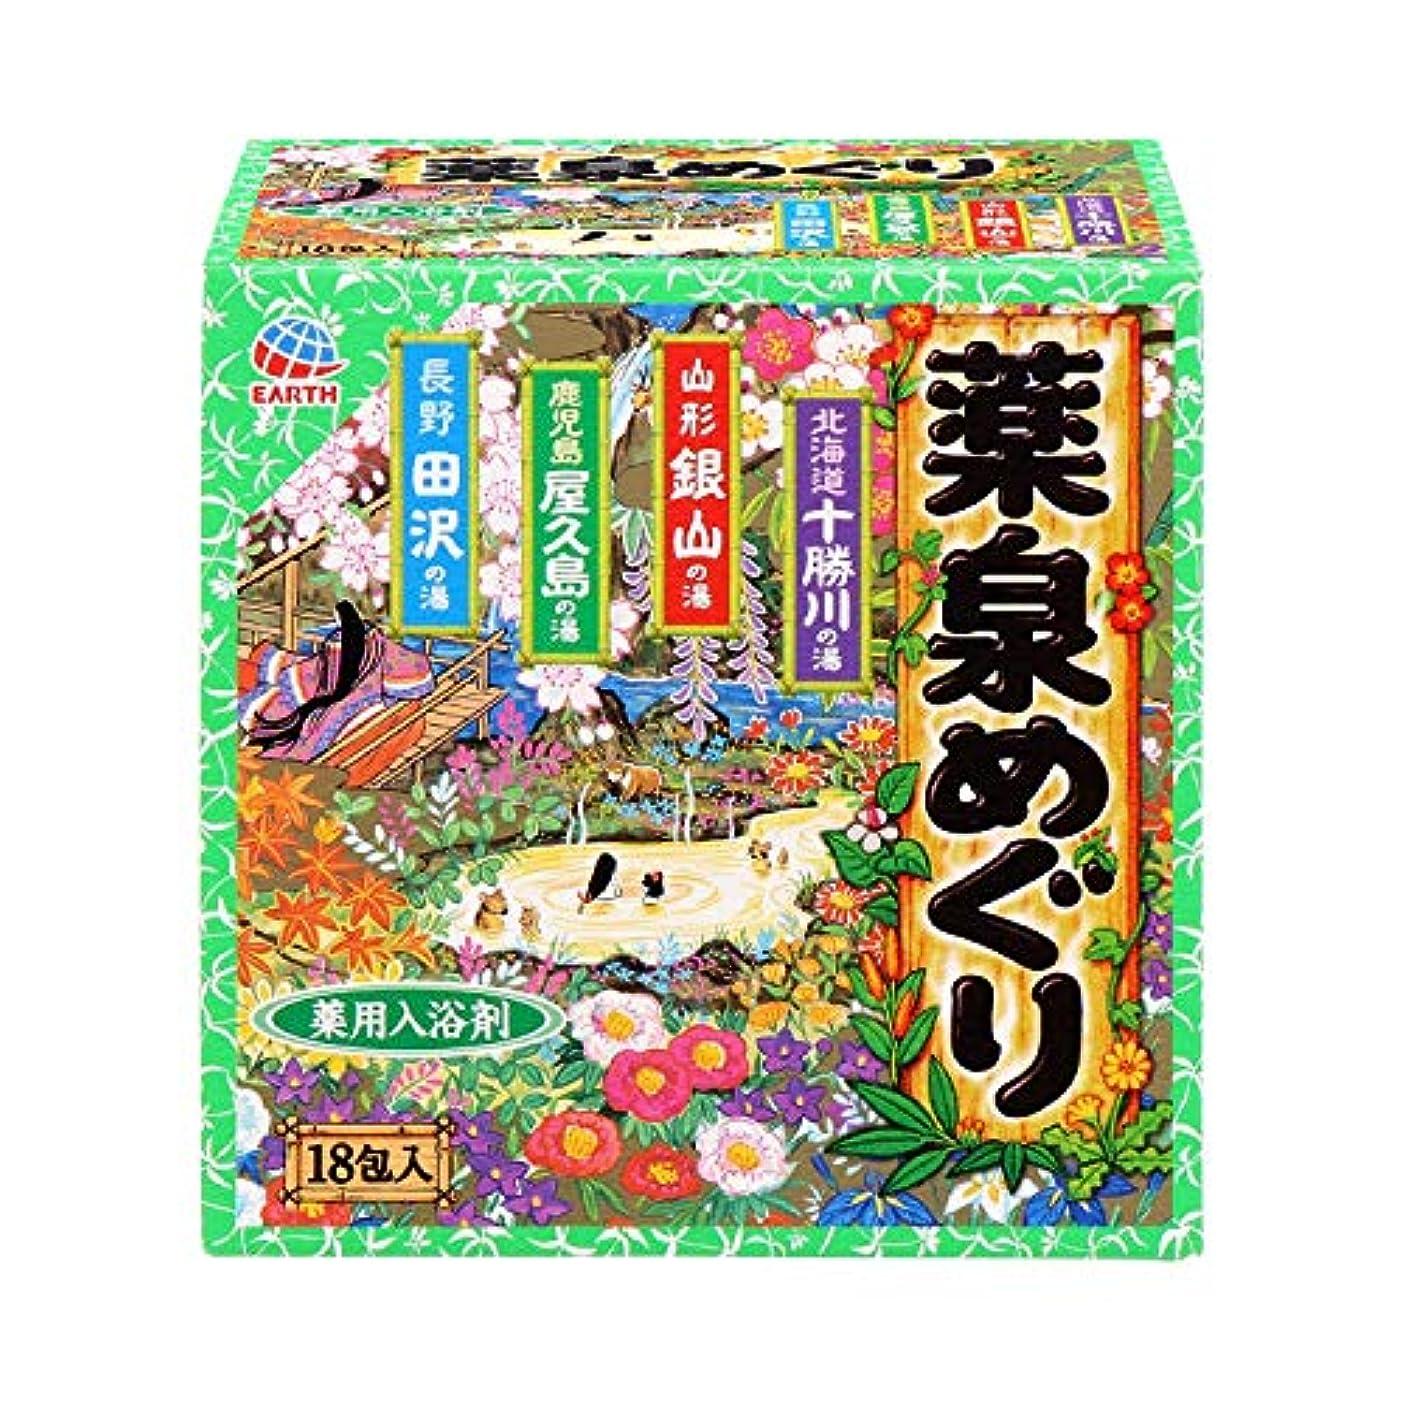 予感サイレンレンディション【アース製薬】薬泉めぐり 540g(30g*18包) ×20個セット